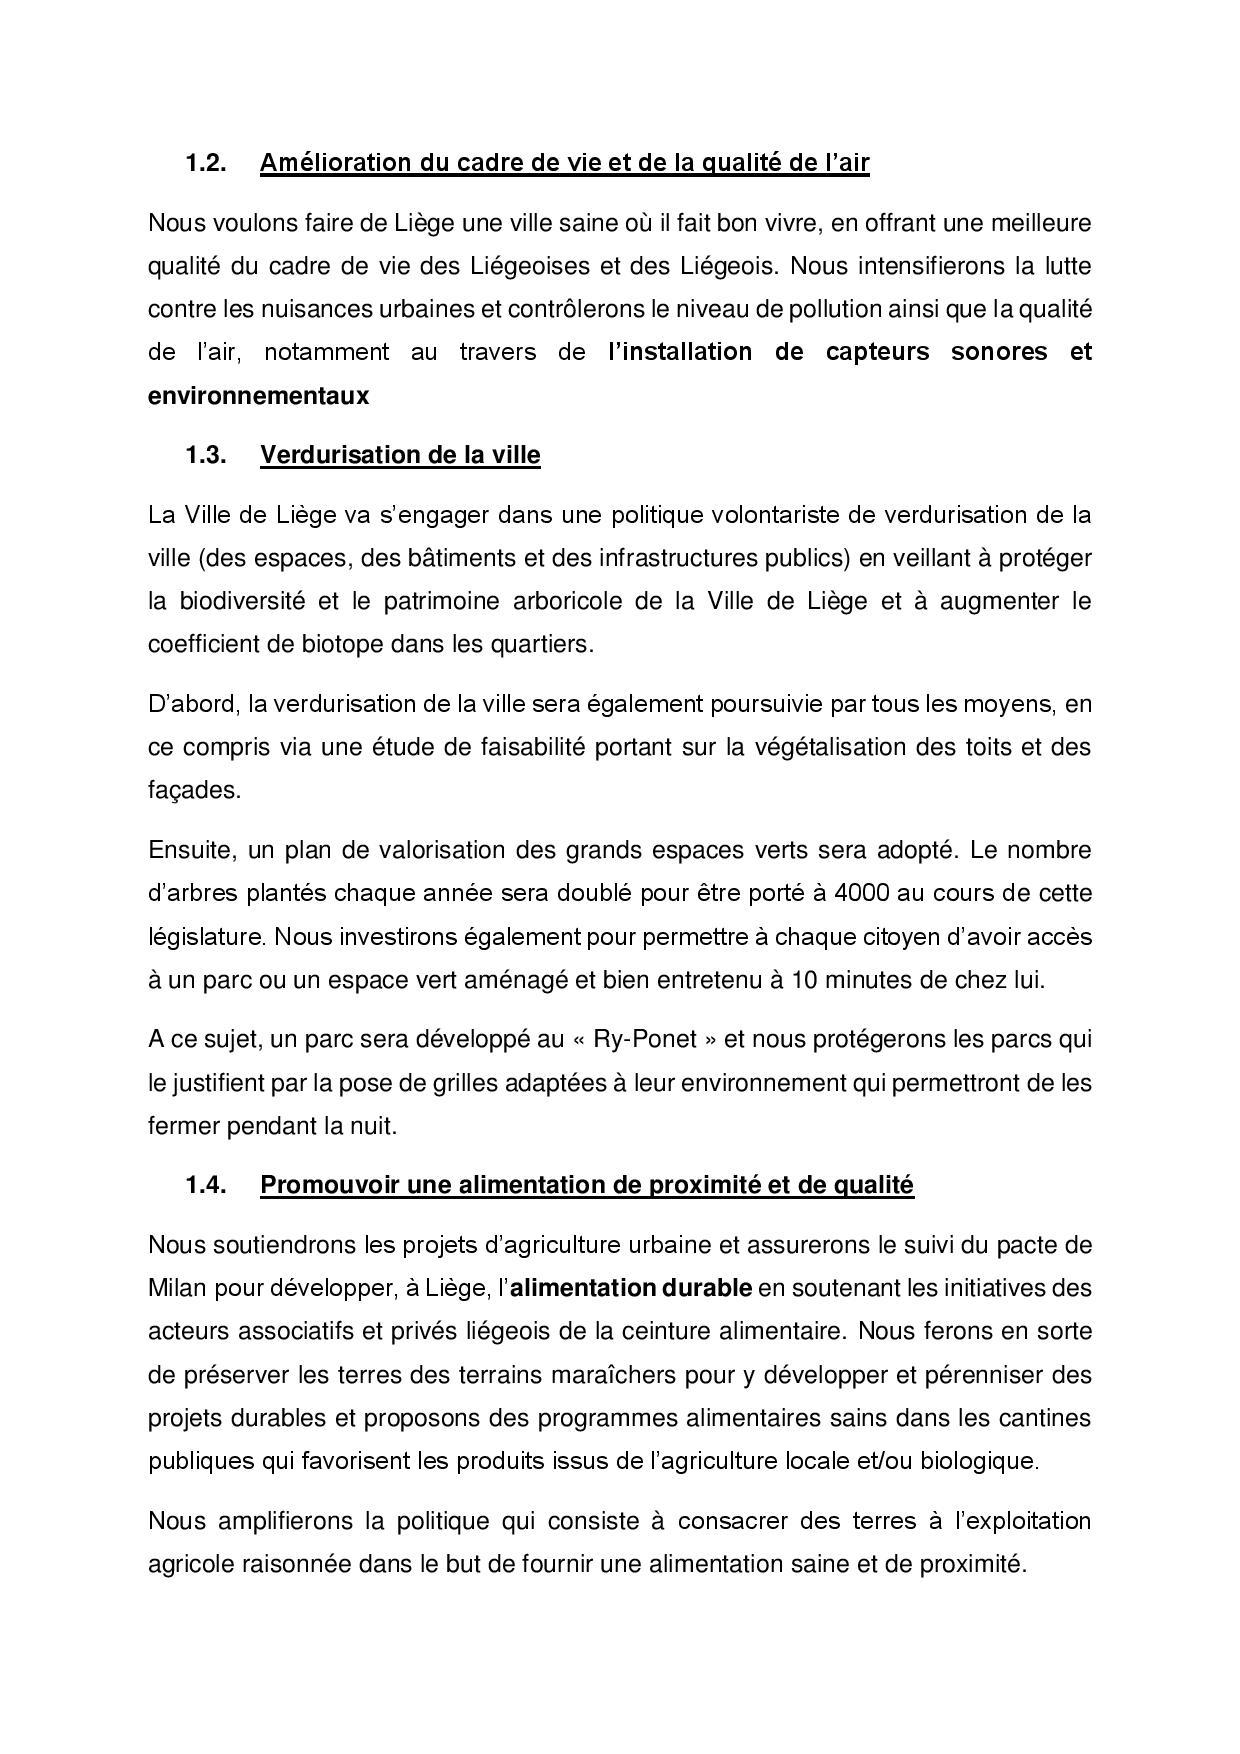 Transition écologique (page 02)